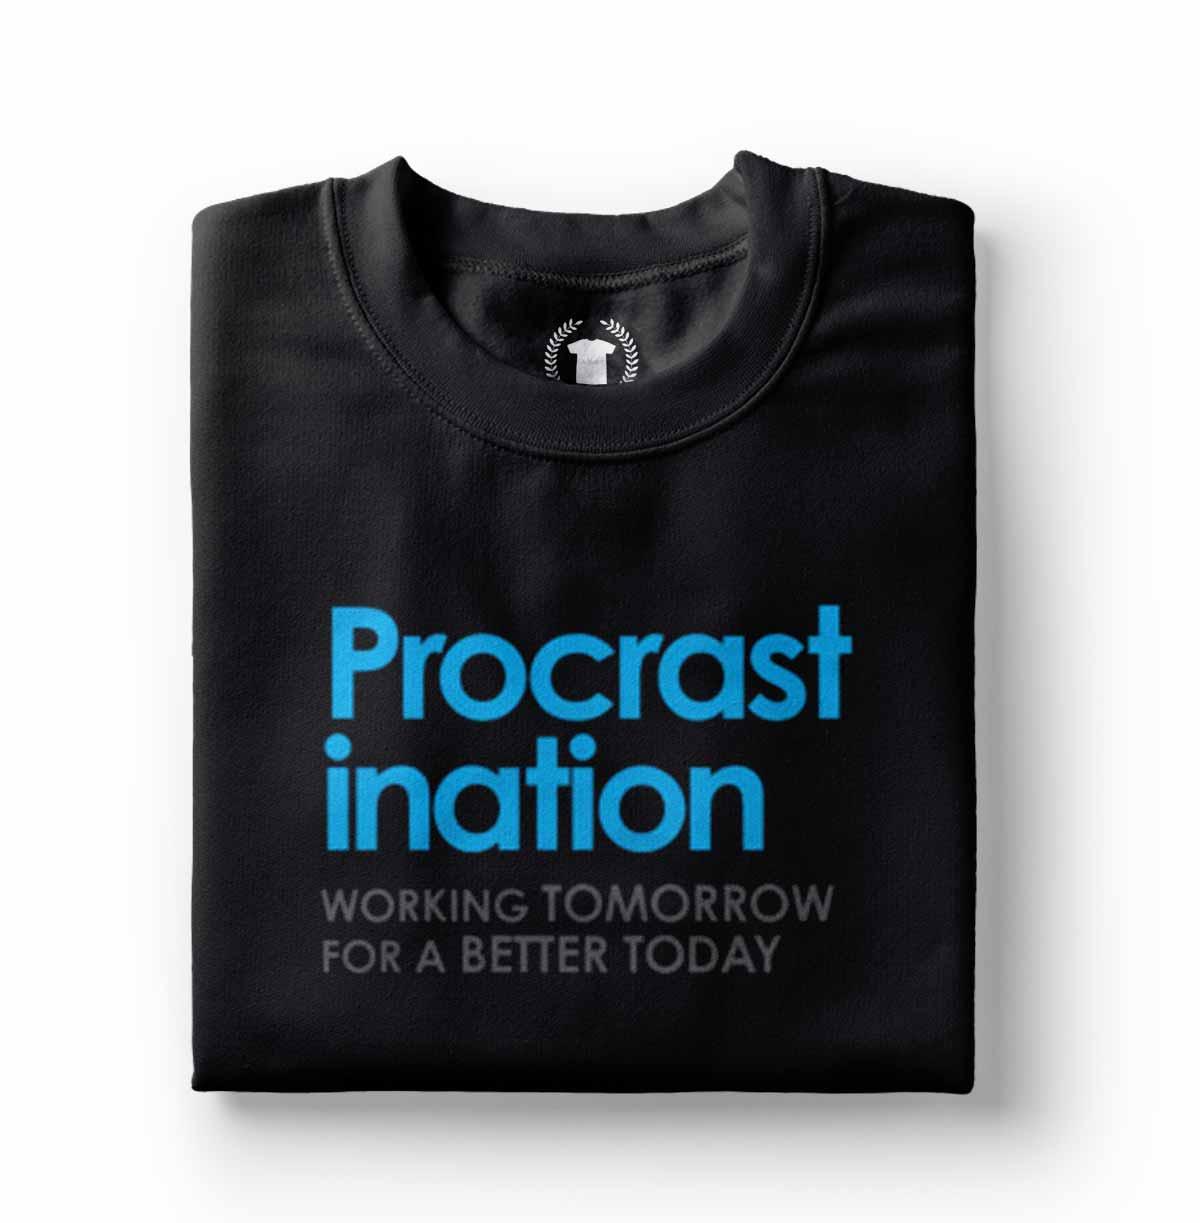 camiseta preguicoso procastinadores frases engracadas